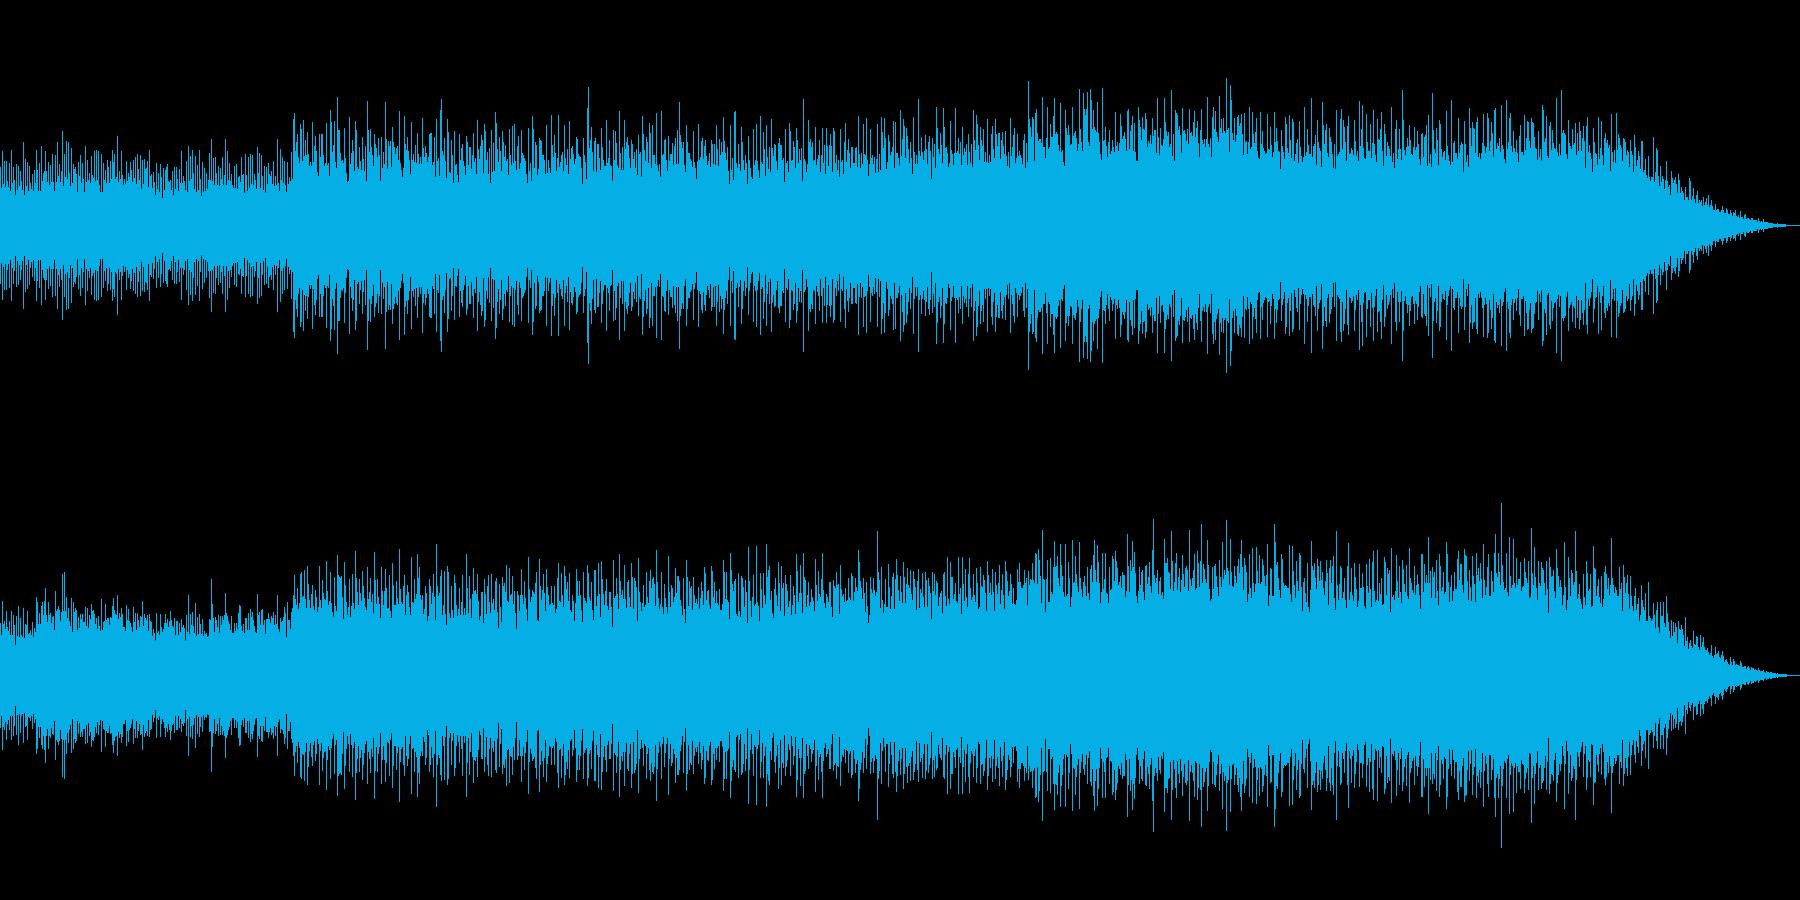 和風でスリリングなポップスの再生済みの波形